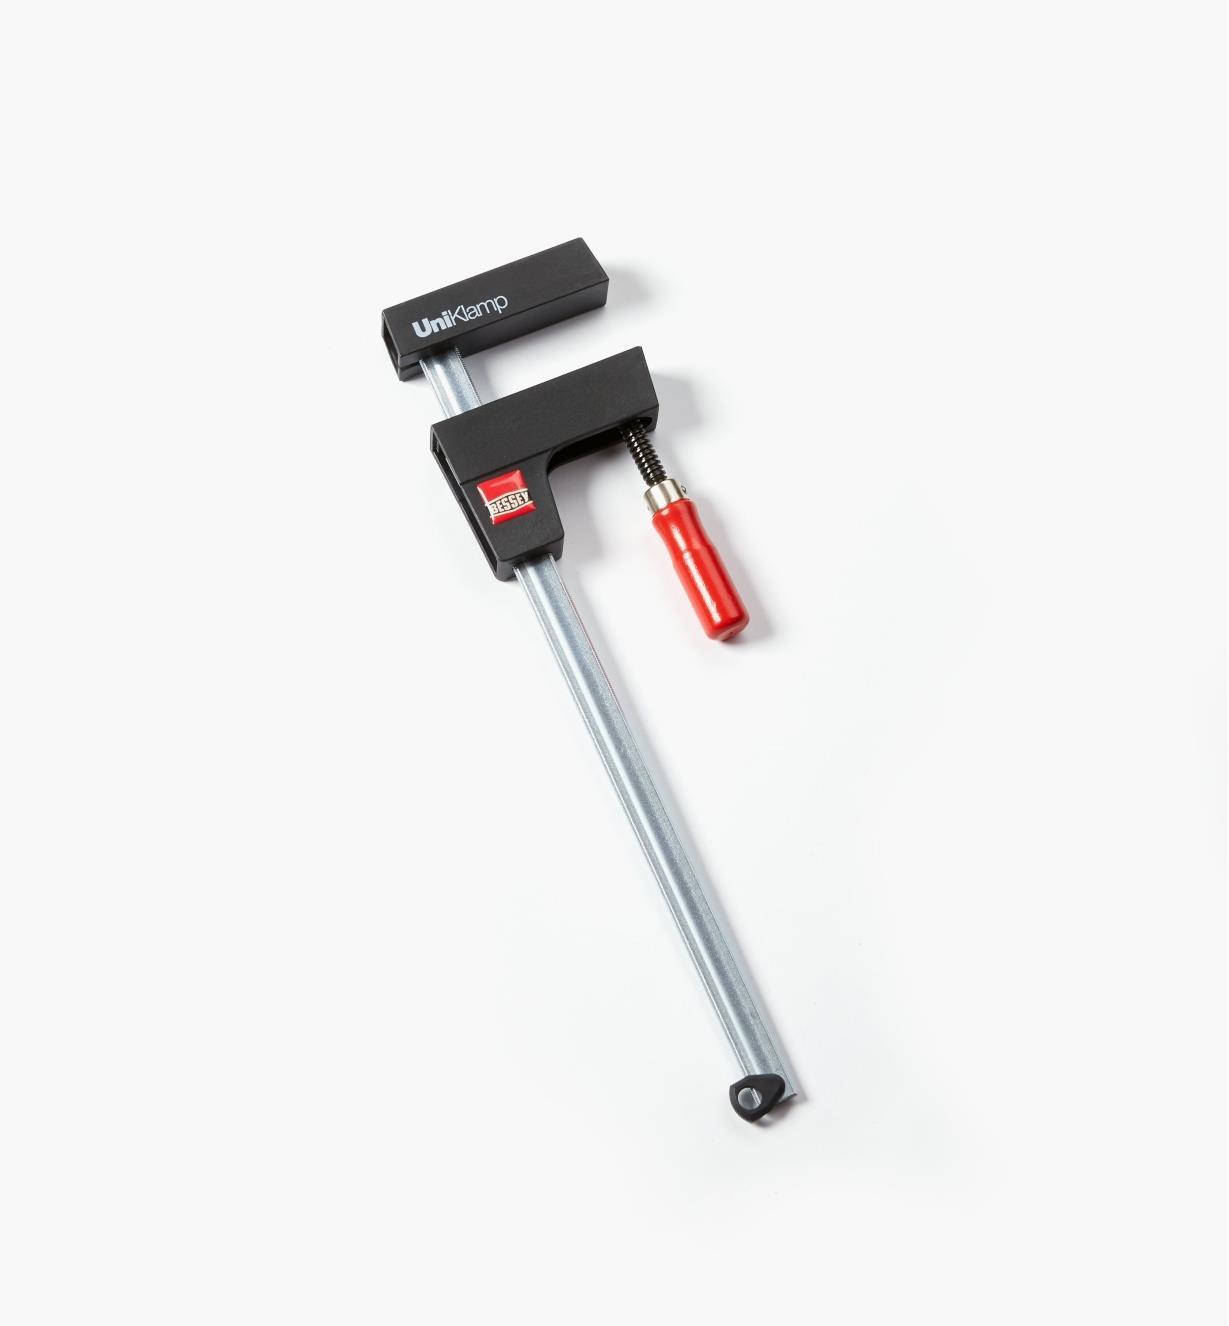 17F0412 - Serre-joint UniKlamp, 12 po